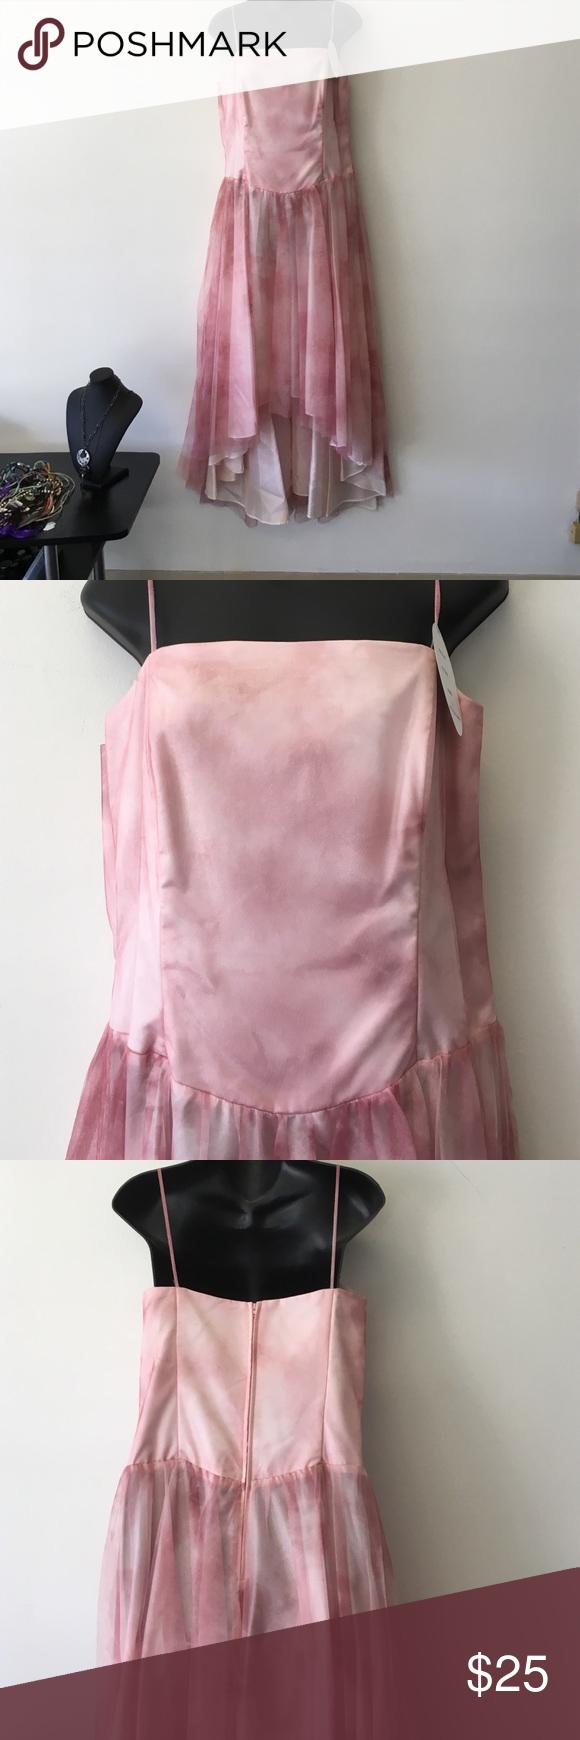 Prom dress Pink prom dress Dresses Prom